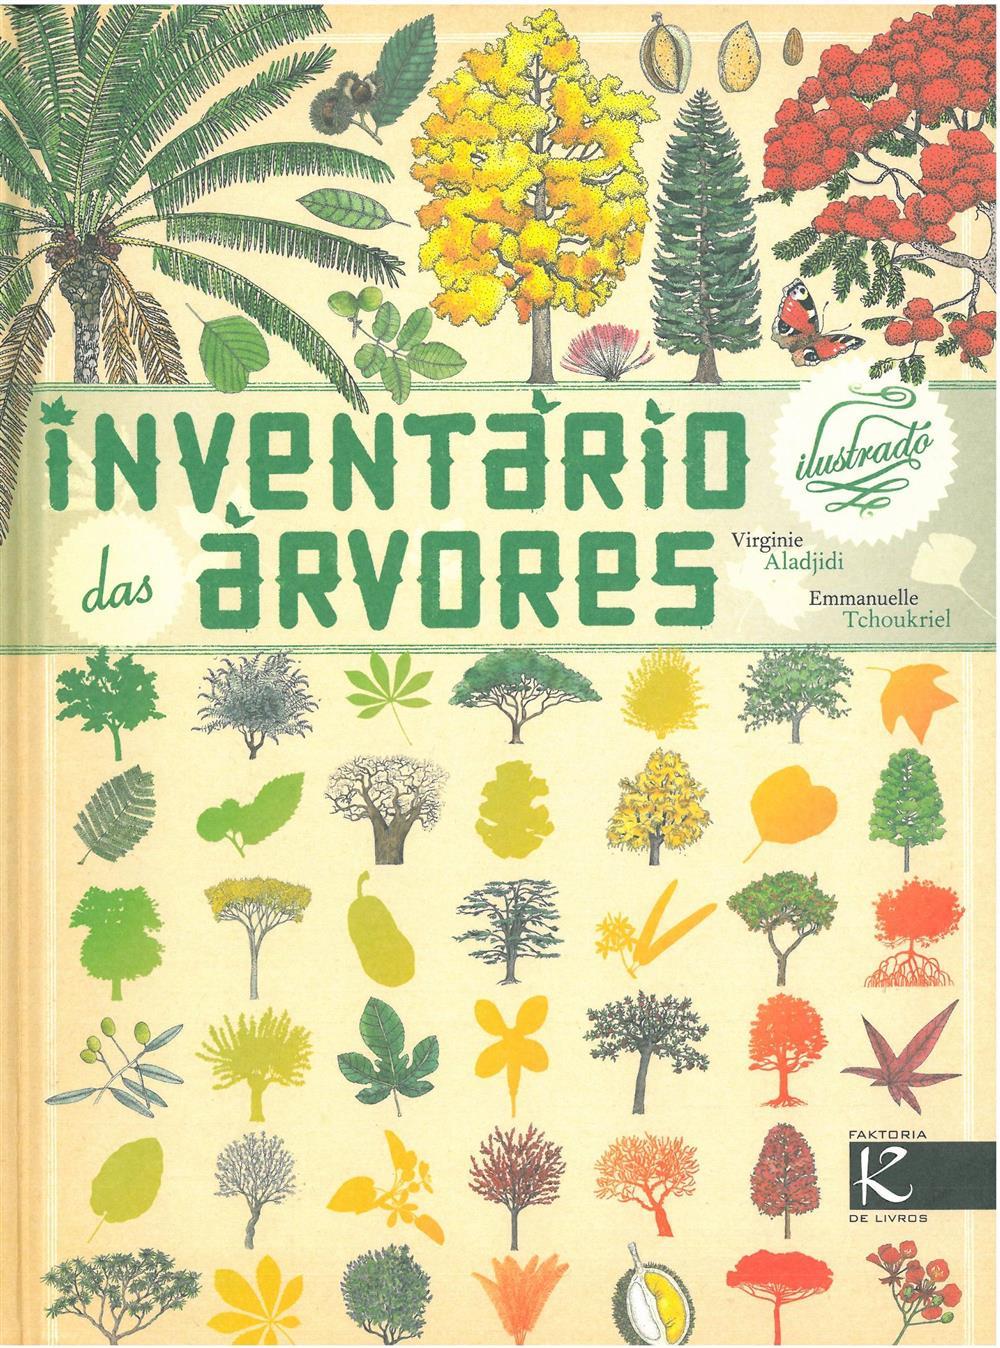 Inventário ilustrado das árvores_.jpg